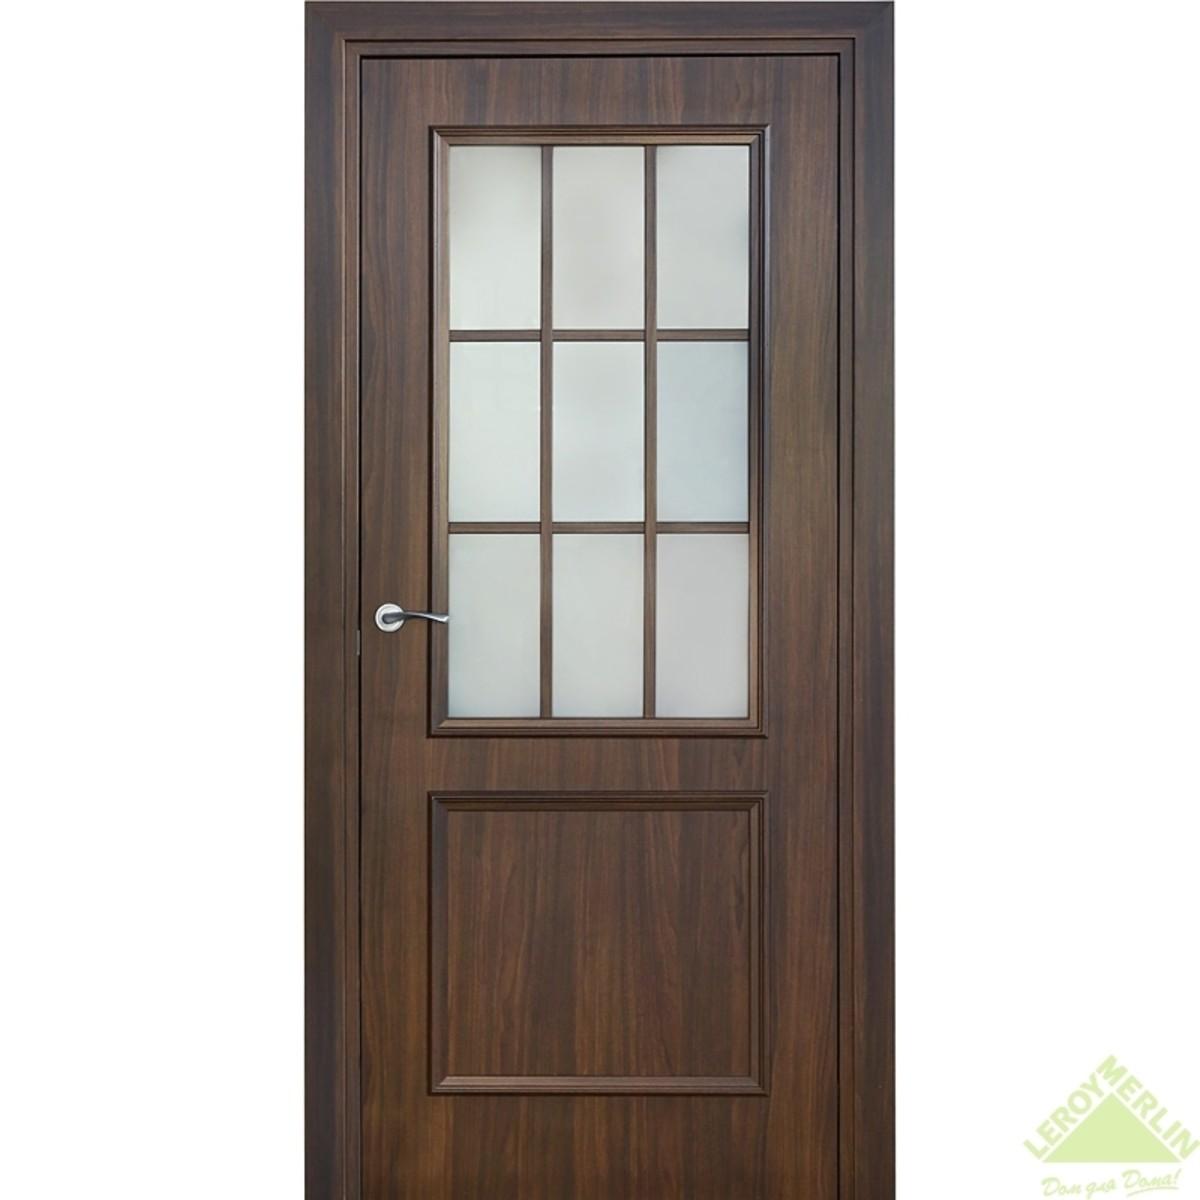 Дверь межкомнатная остеклённая Альтро 819 800x2000 мм орех марроне